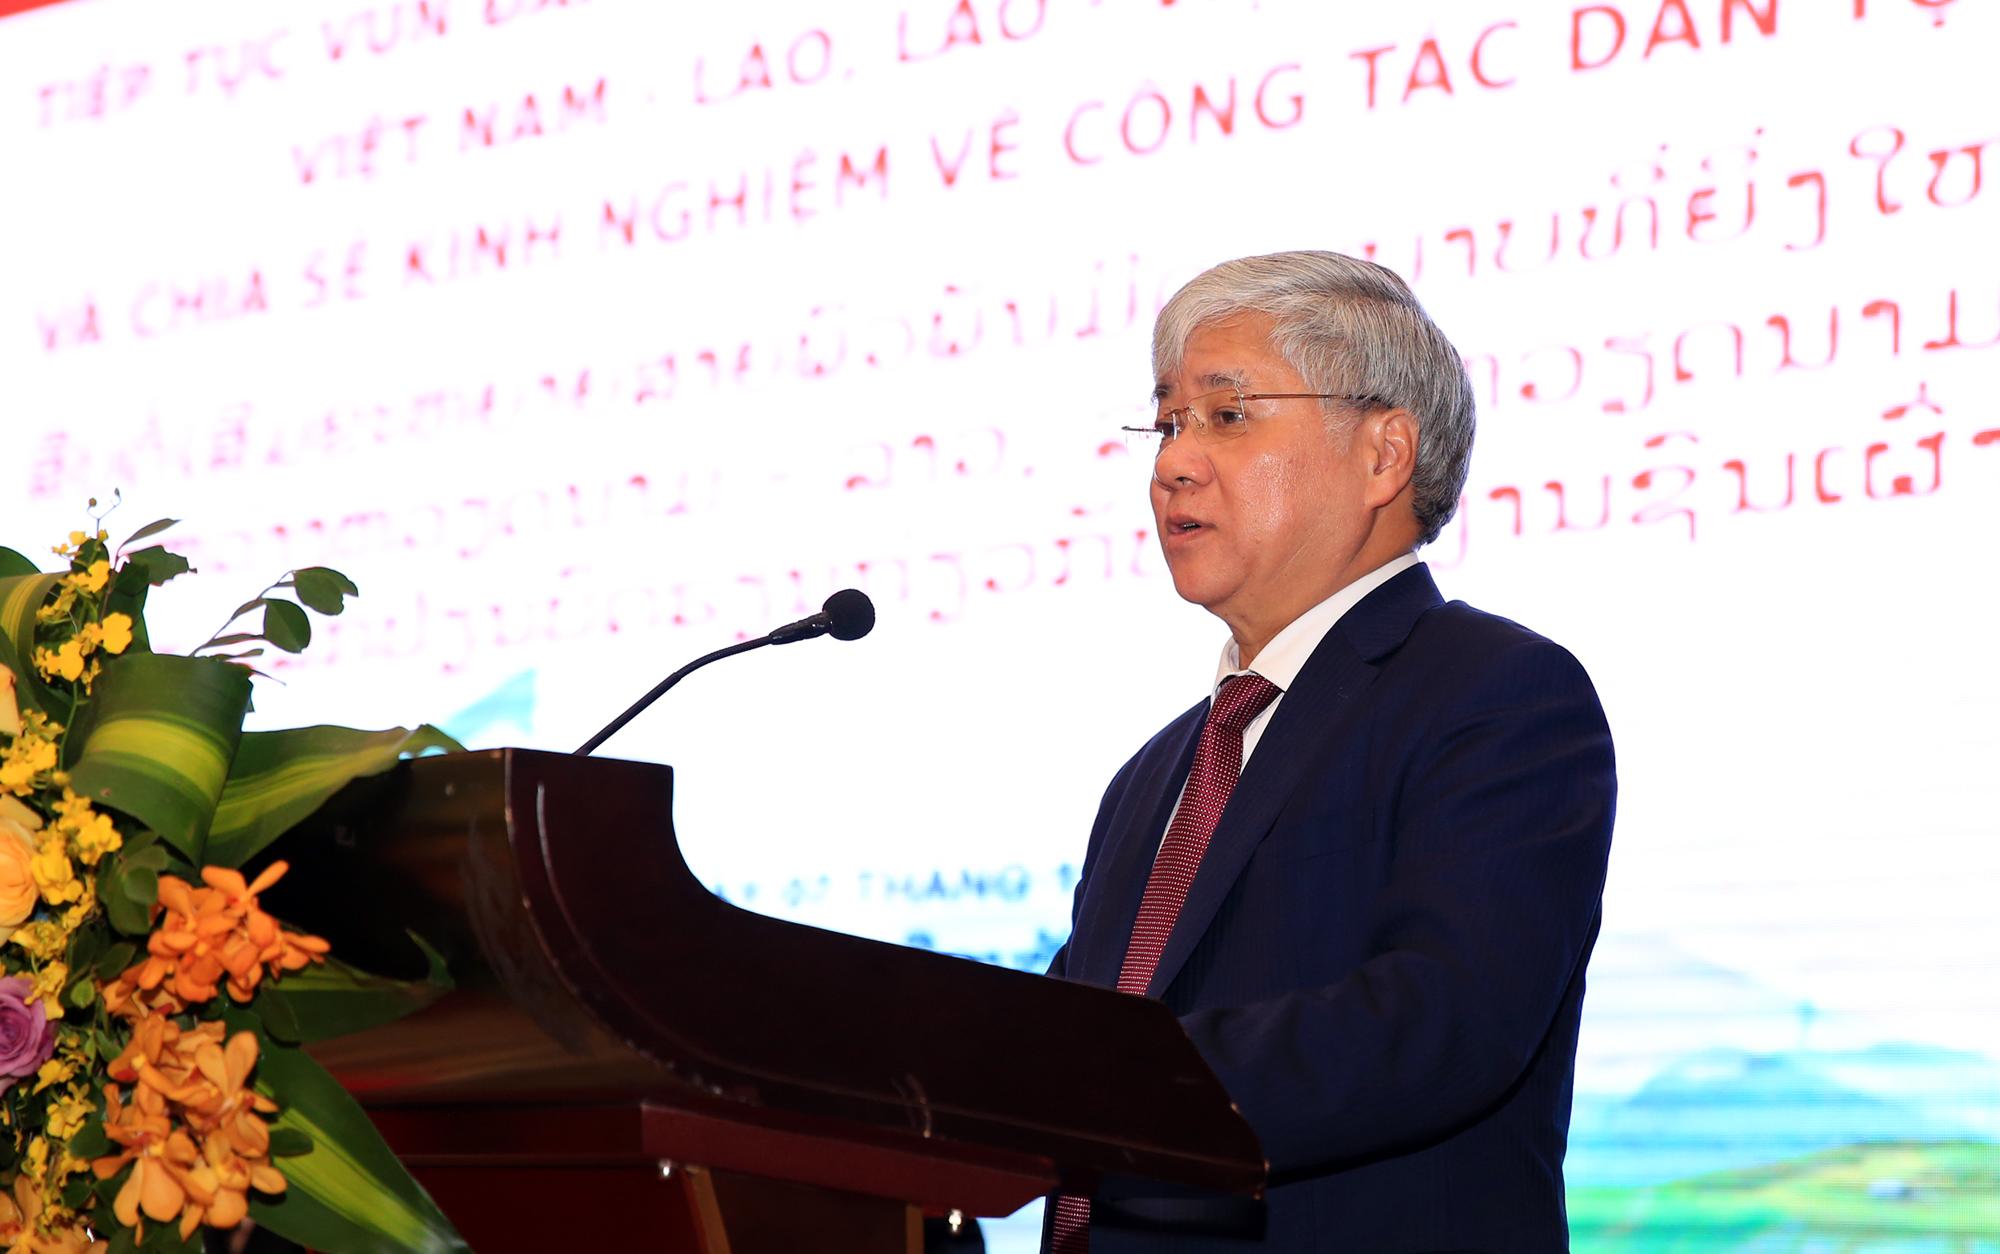 Bộ trưởng, Chủ nhiệm UBDT Đỗ Văn Chiến phát biểu tham luận tại Hội thảo